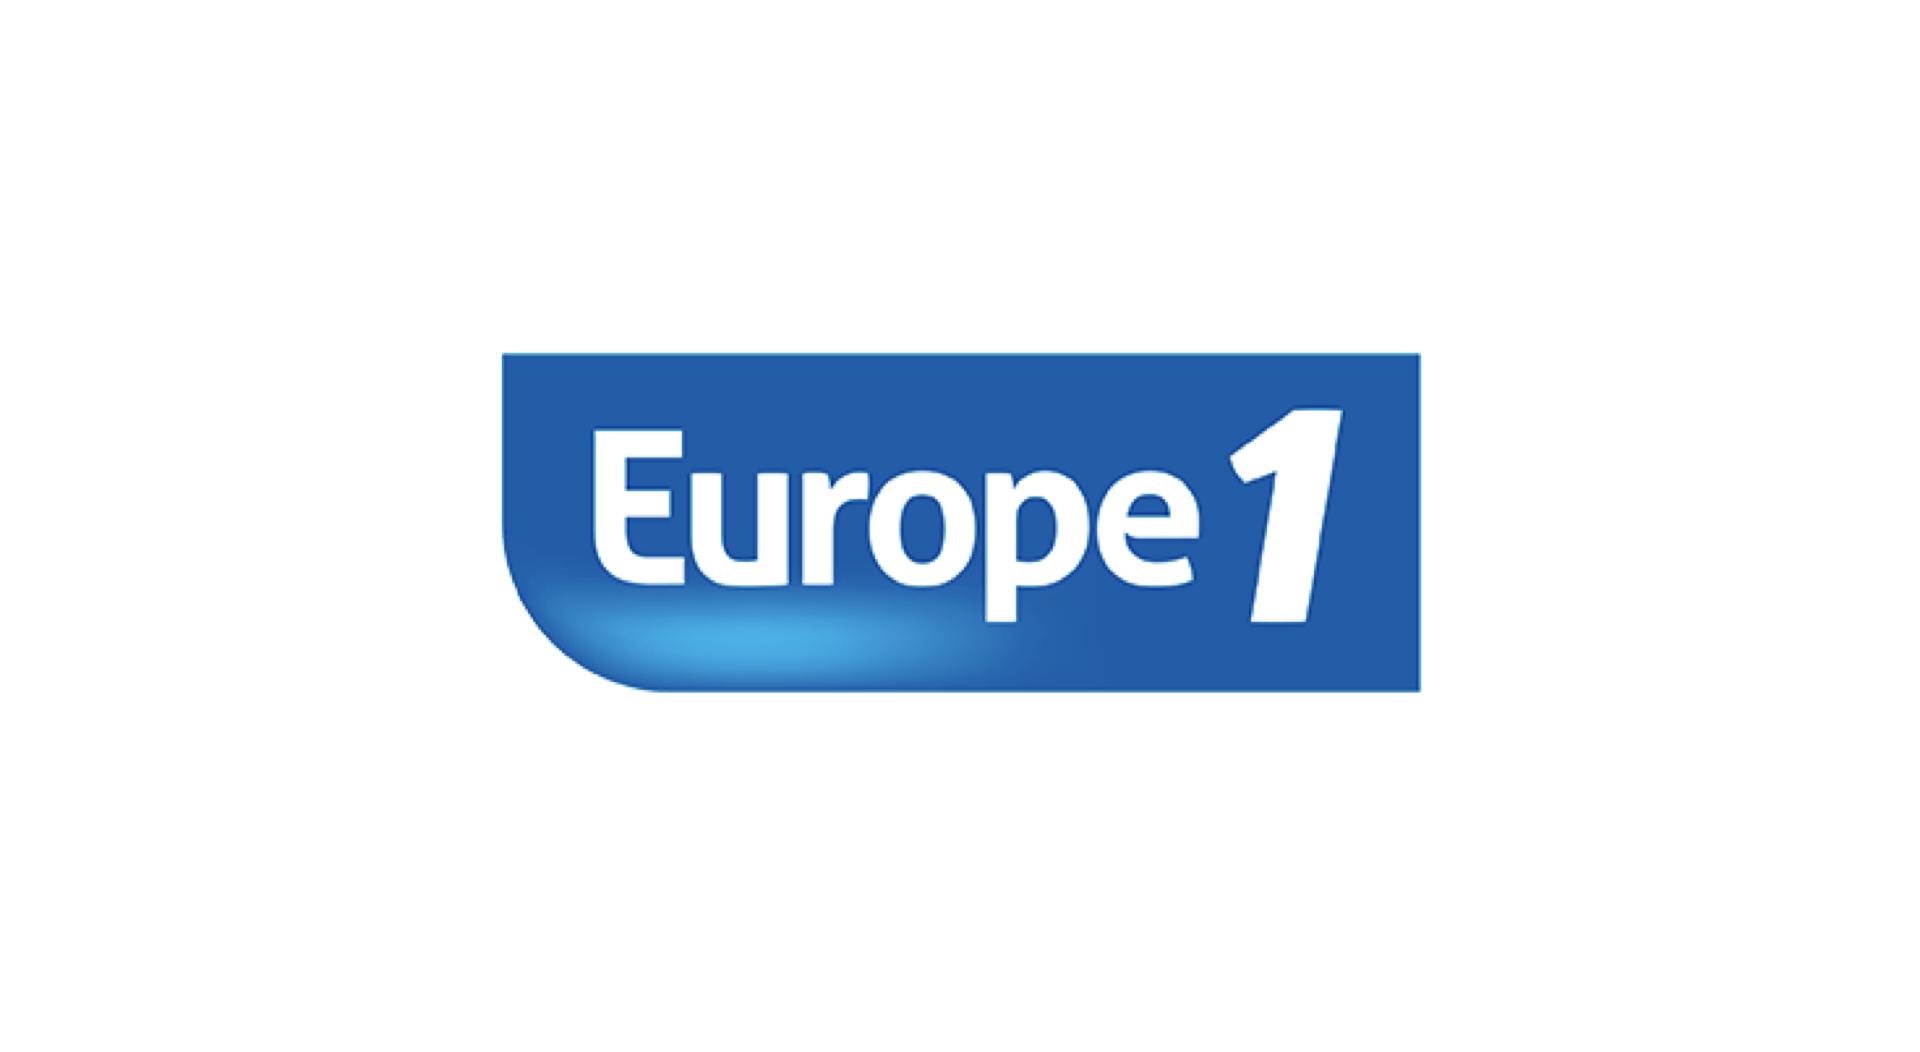 Image - Europe 1 – La Manif pour tous défile à Paris, Lyon et Nantes contre l'avis pour l'extension de la PMA